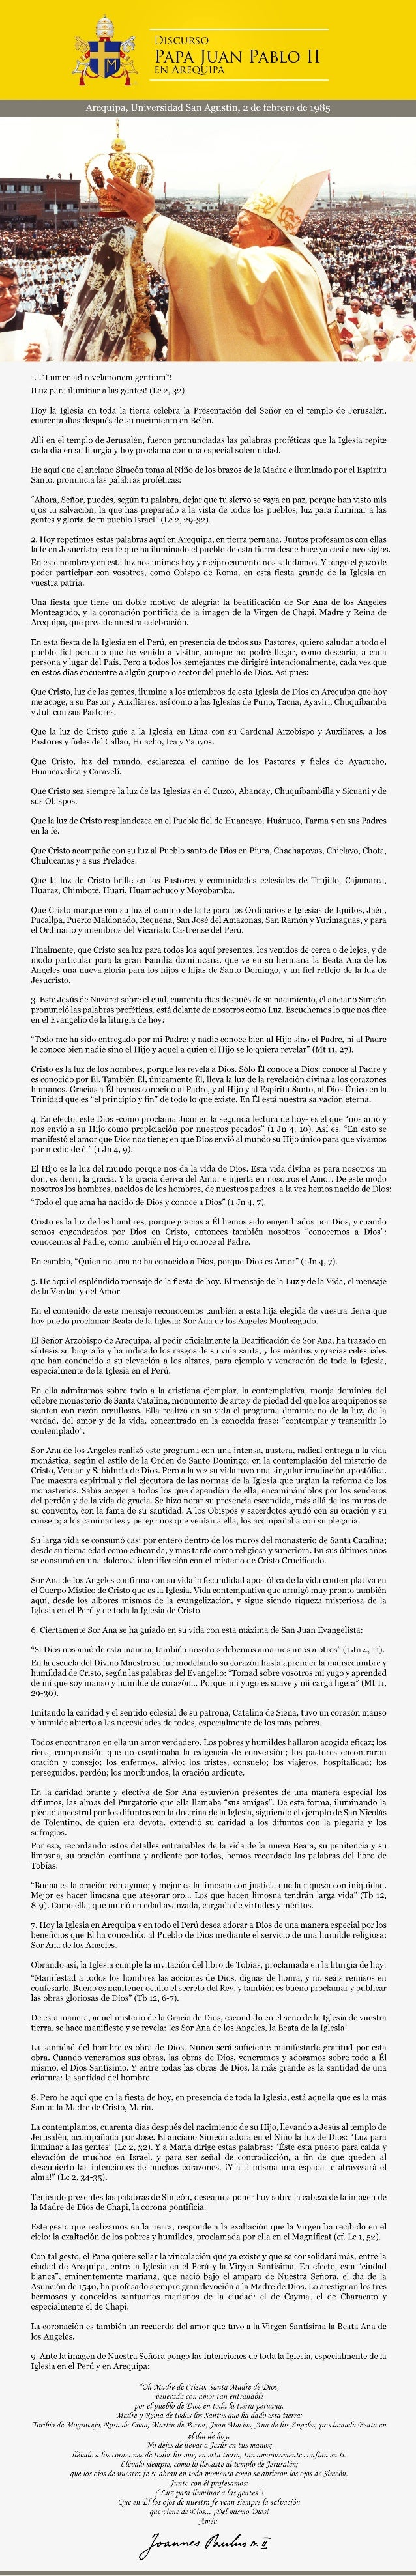 Discurso del Papa Juan Pablo II en Arequipa - 1985